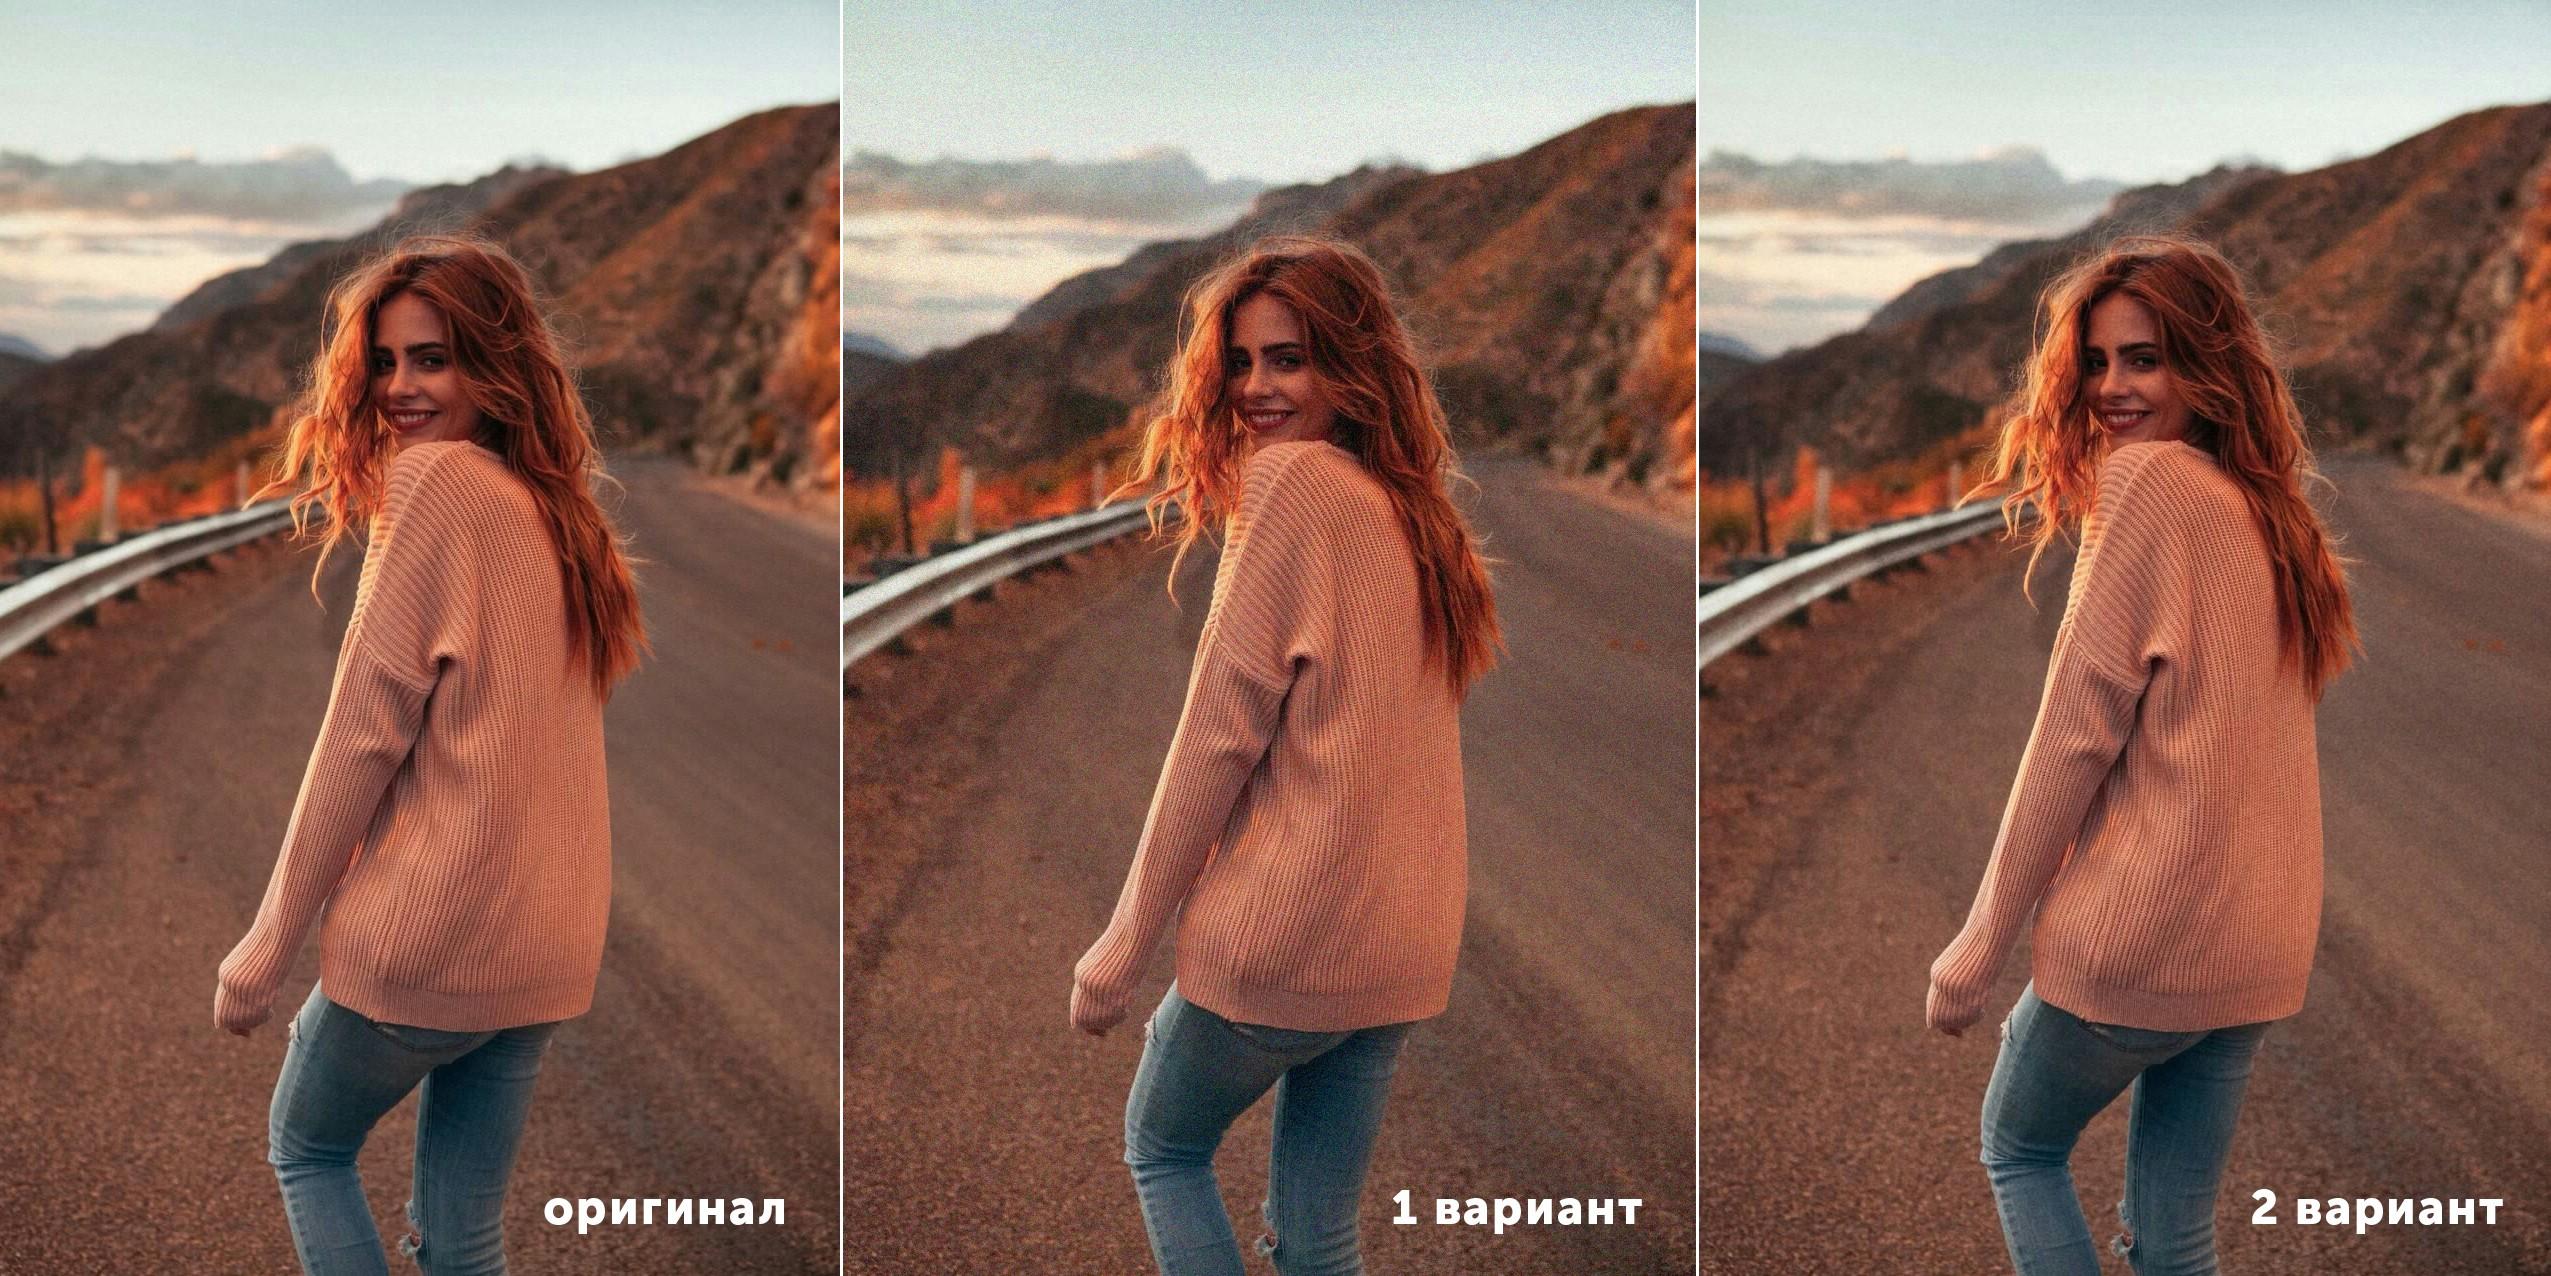 Как добавить зернистость на фотографию в Photoshop